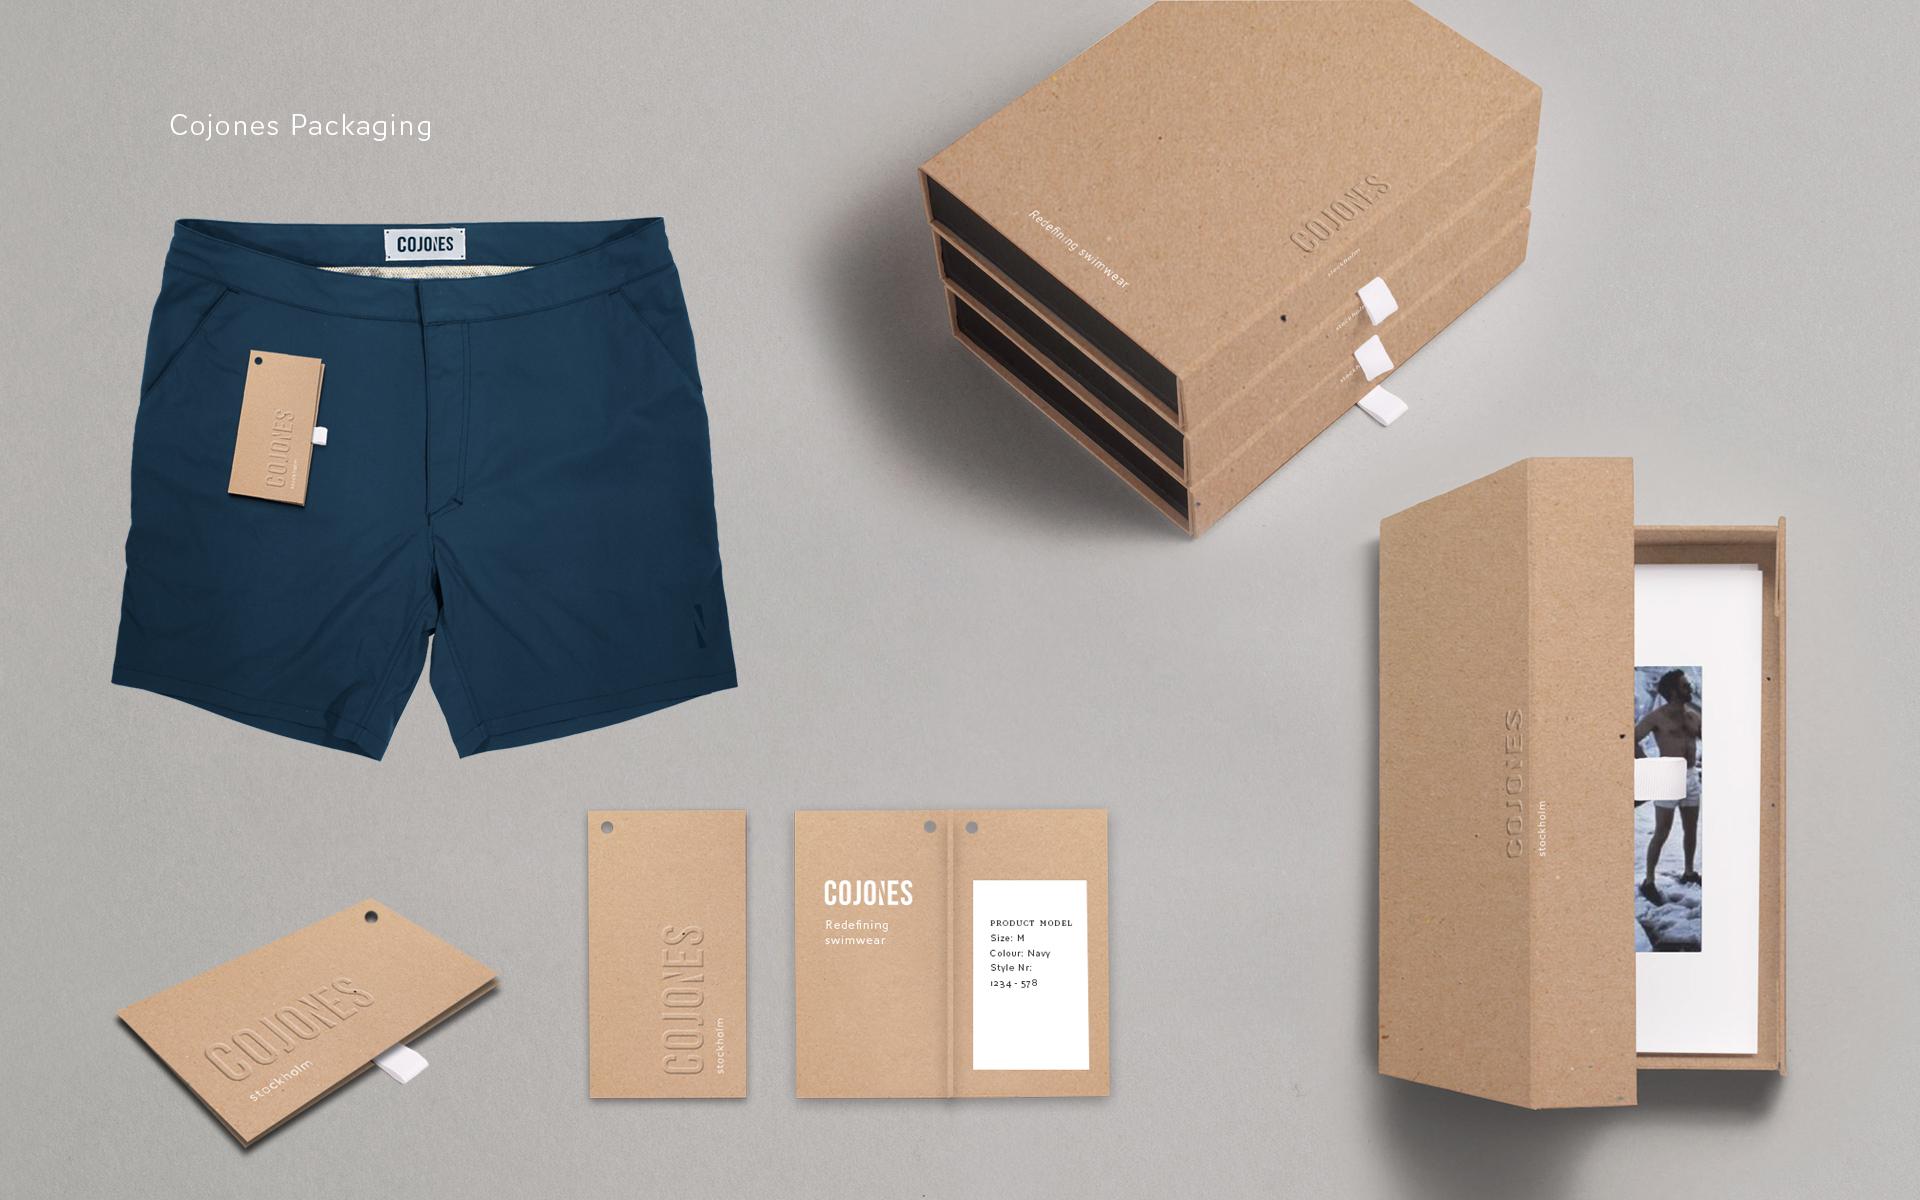 Cojones_Packaging_161207.jpg